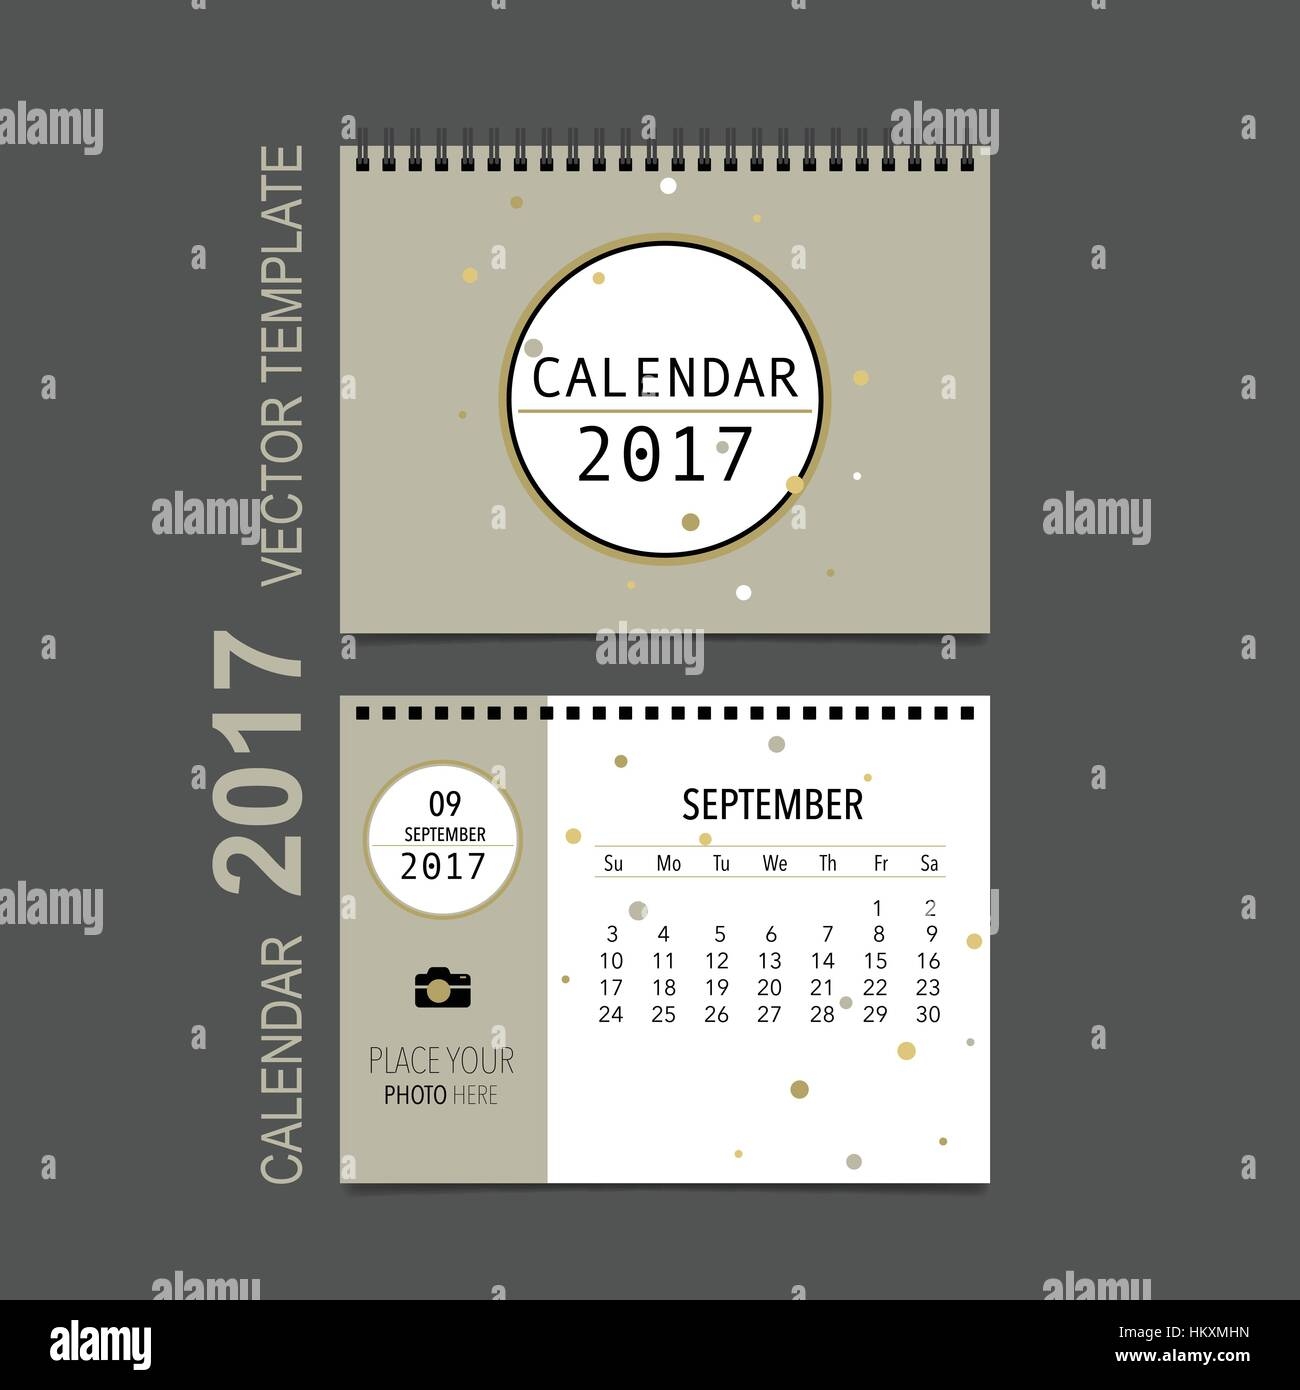 Fantastisch Monatliche Budget Kalendervorlage Fotos - Entry Level ...